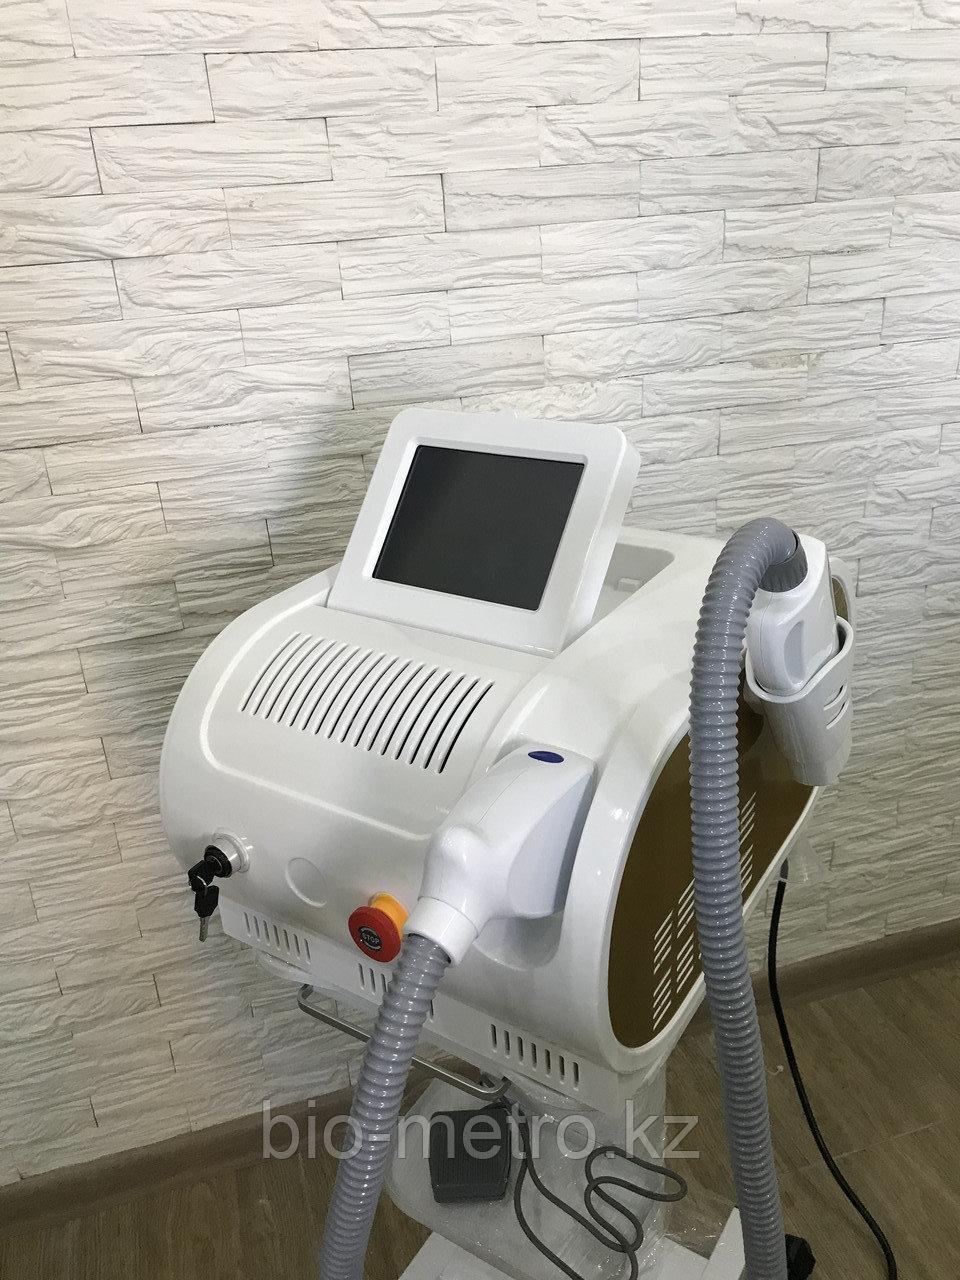 Косметологический аппарат  Пикосекундный лазер для удаления татуажа и карбонового пилинга